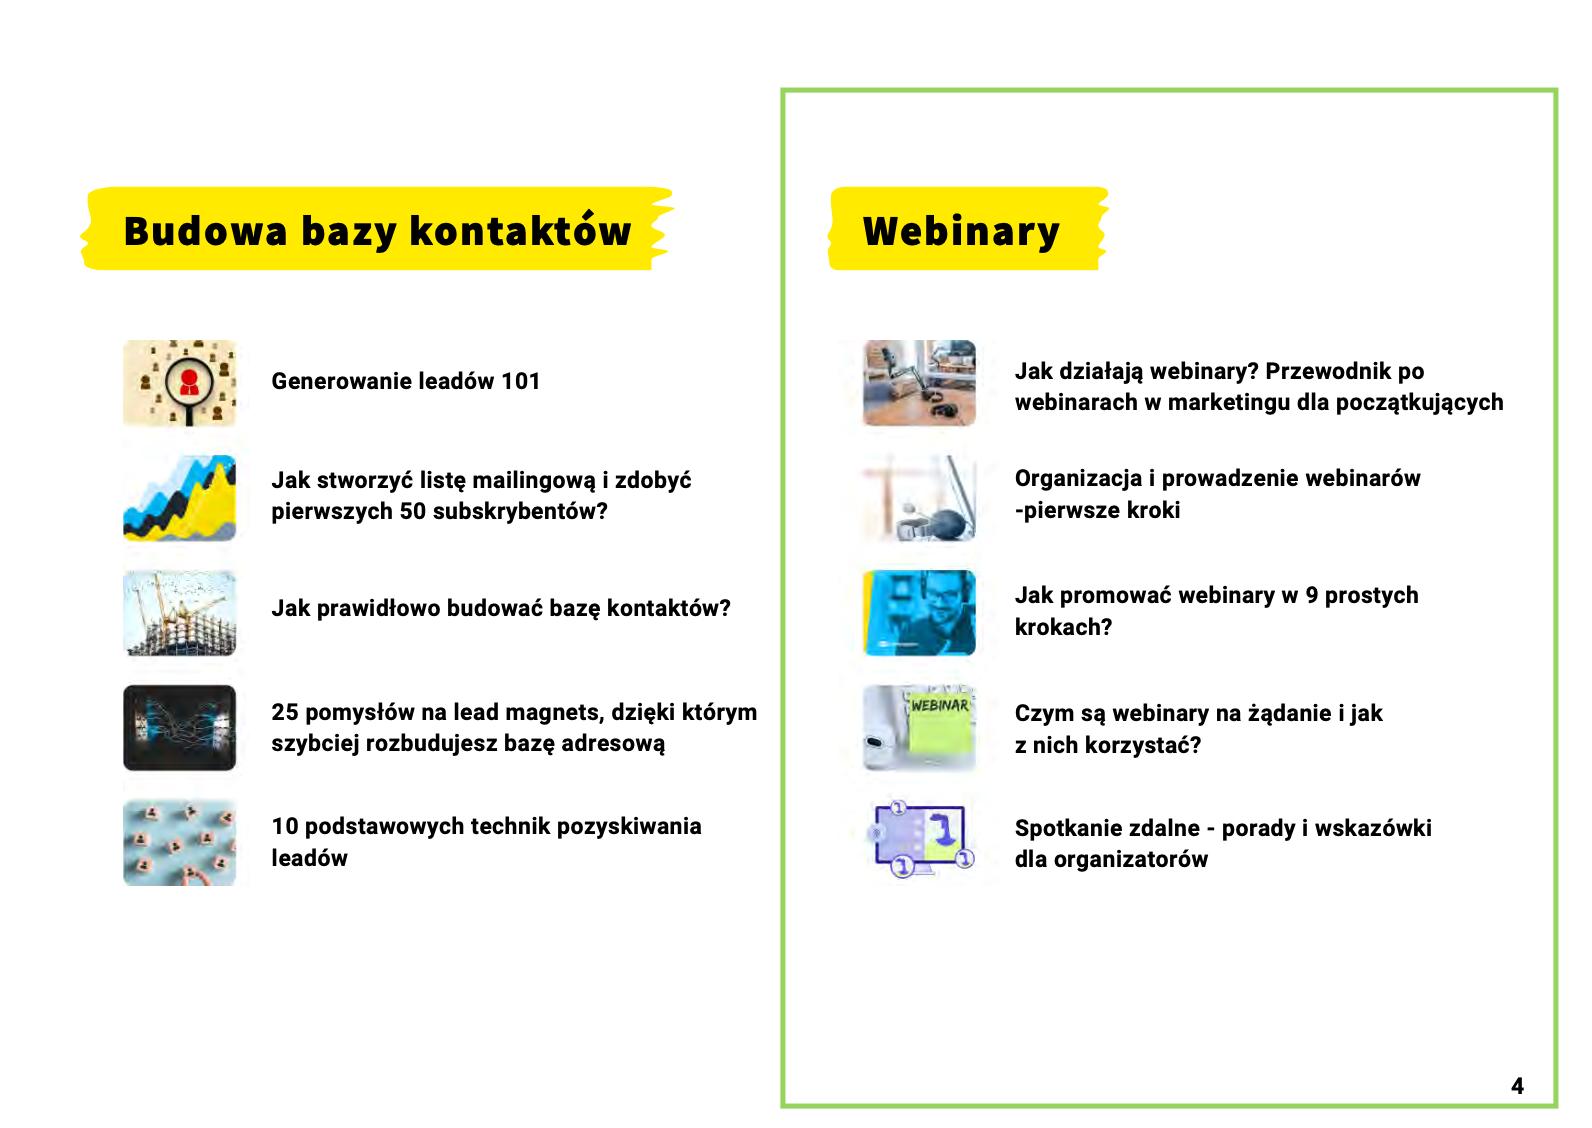 Продвижение малого бизнеса в интернете с помощью четких призывов к действию - отличный пример компании TAB